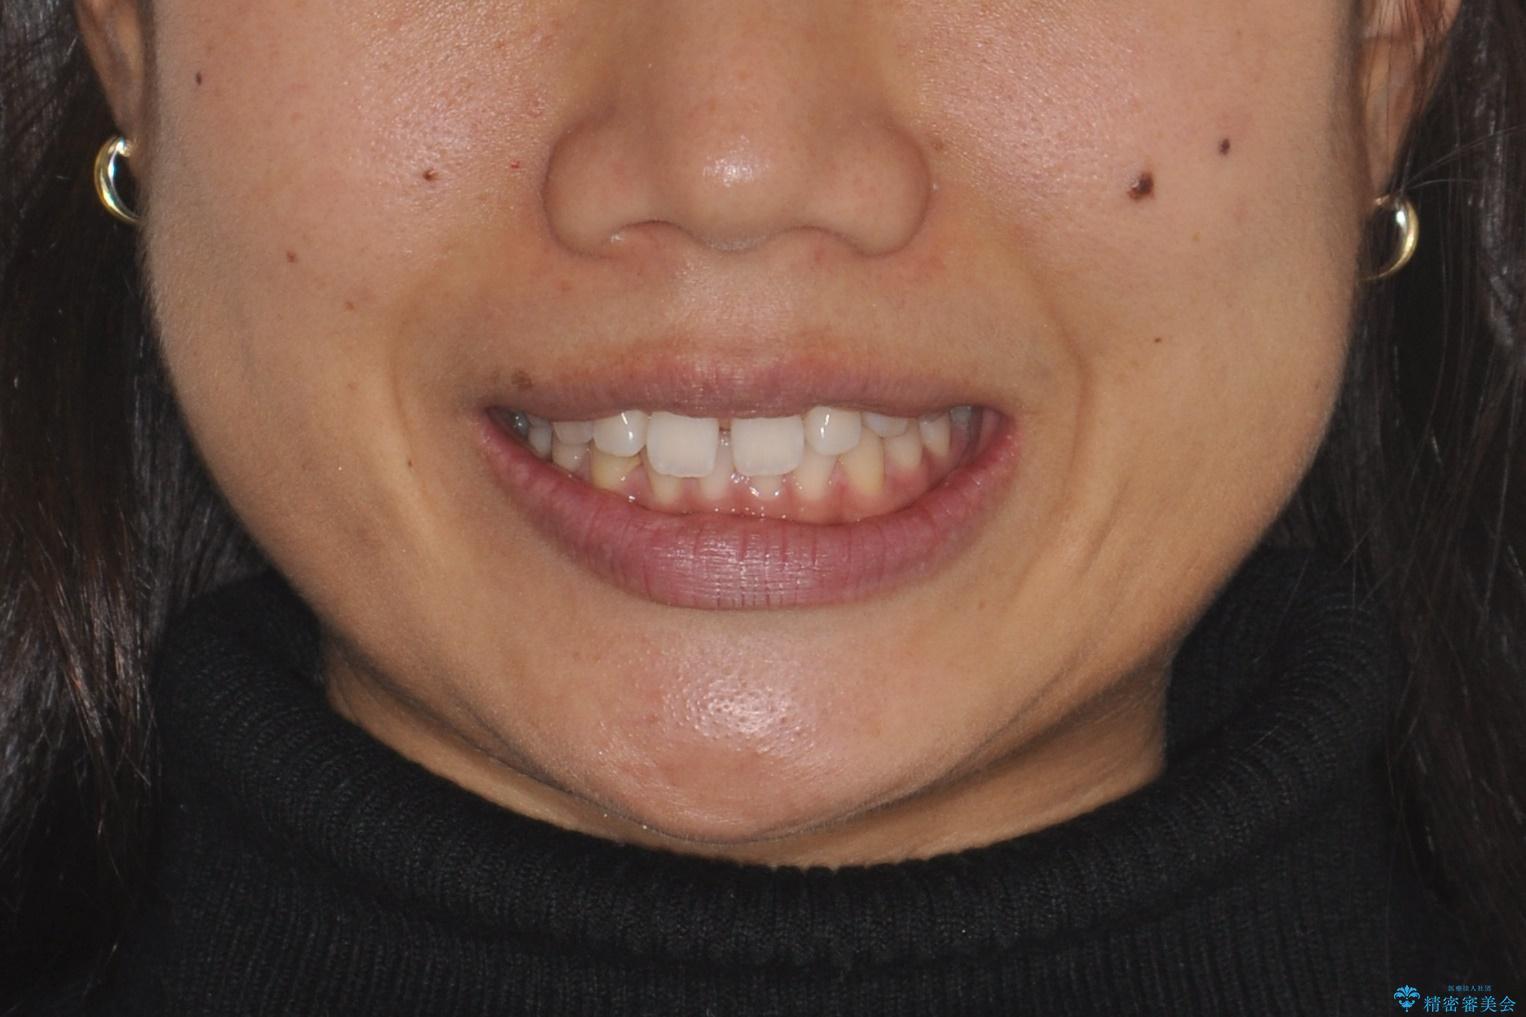 すきっ歯のインビザラインによる目立たない矯正の治療前(顔貌)